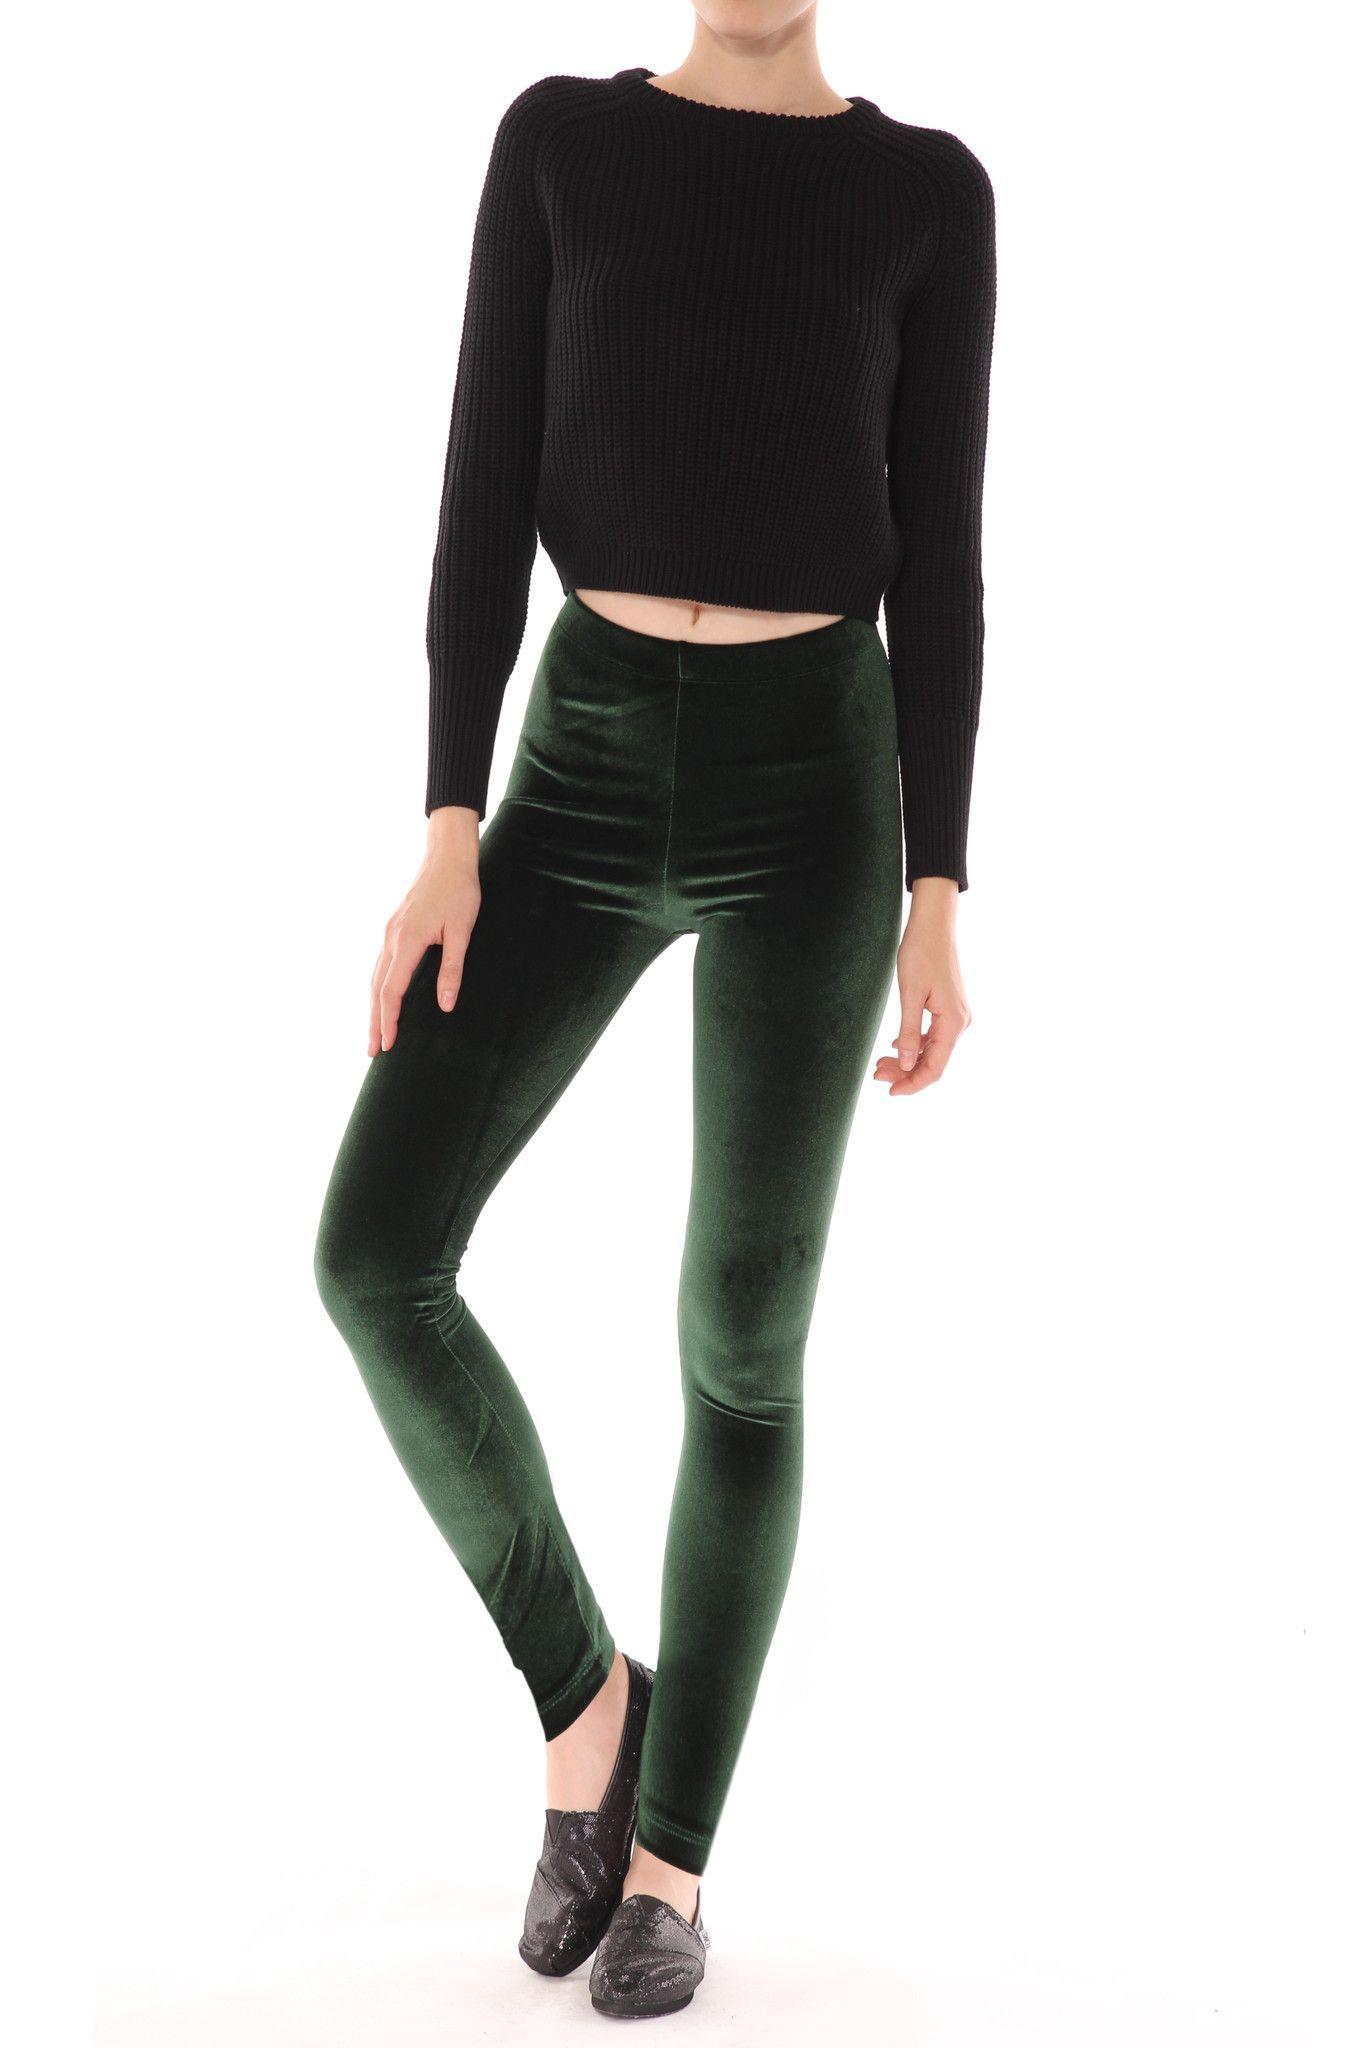 37c9677926431 $50 M Green Velvet Leggings from POPRAGEOUS | nylons 4 sale | Velvet ...